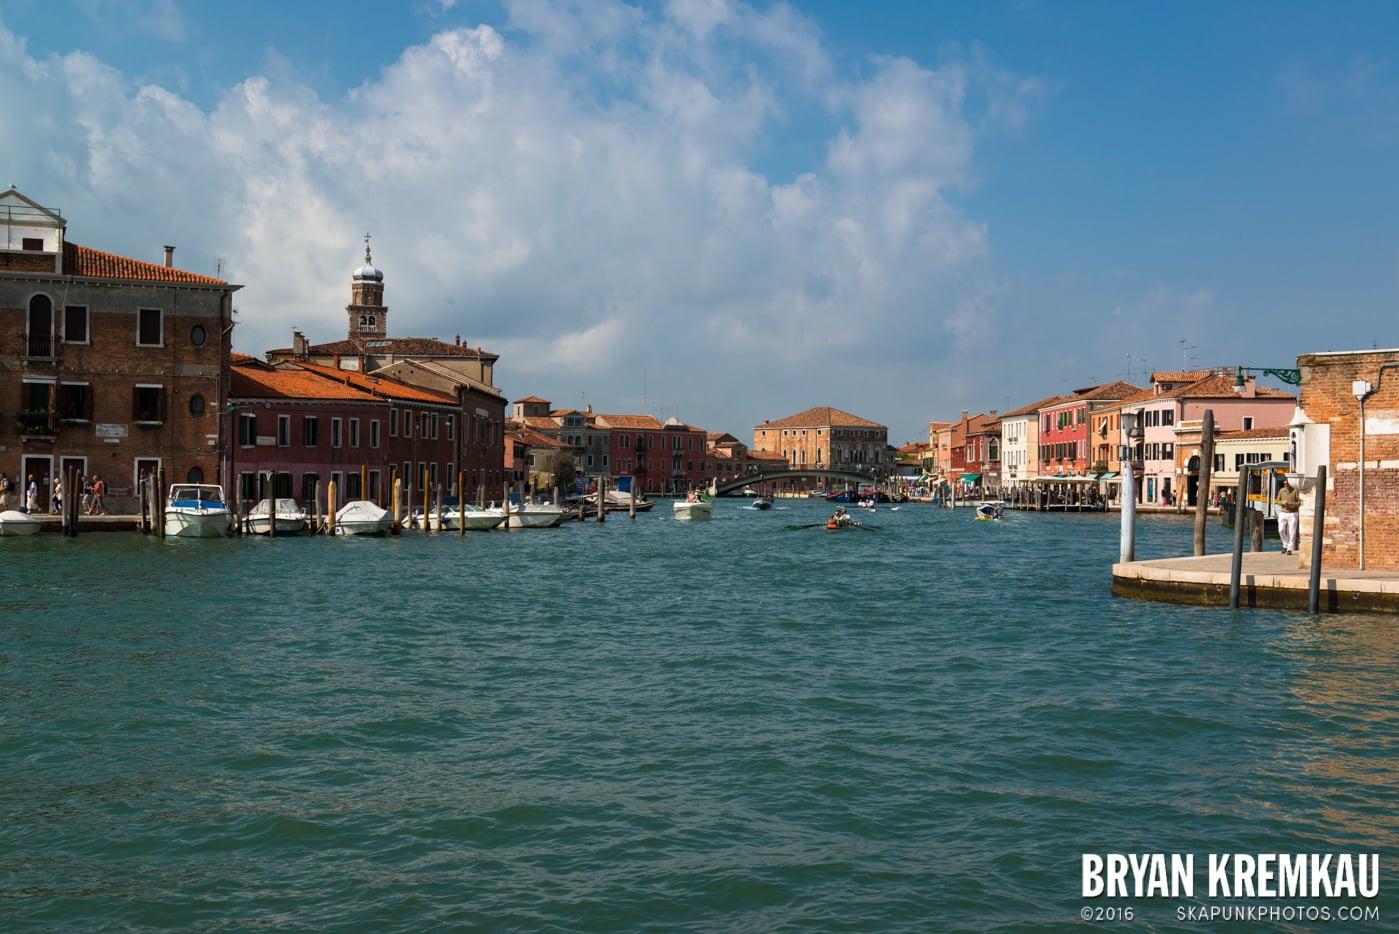 Italy Vacation - Day 6: Murano, Burano, Venice - 9.14.13 (79)